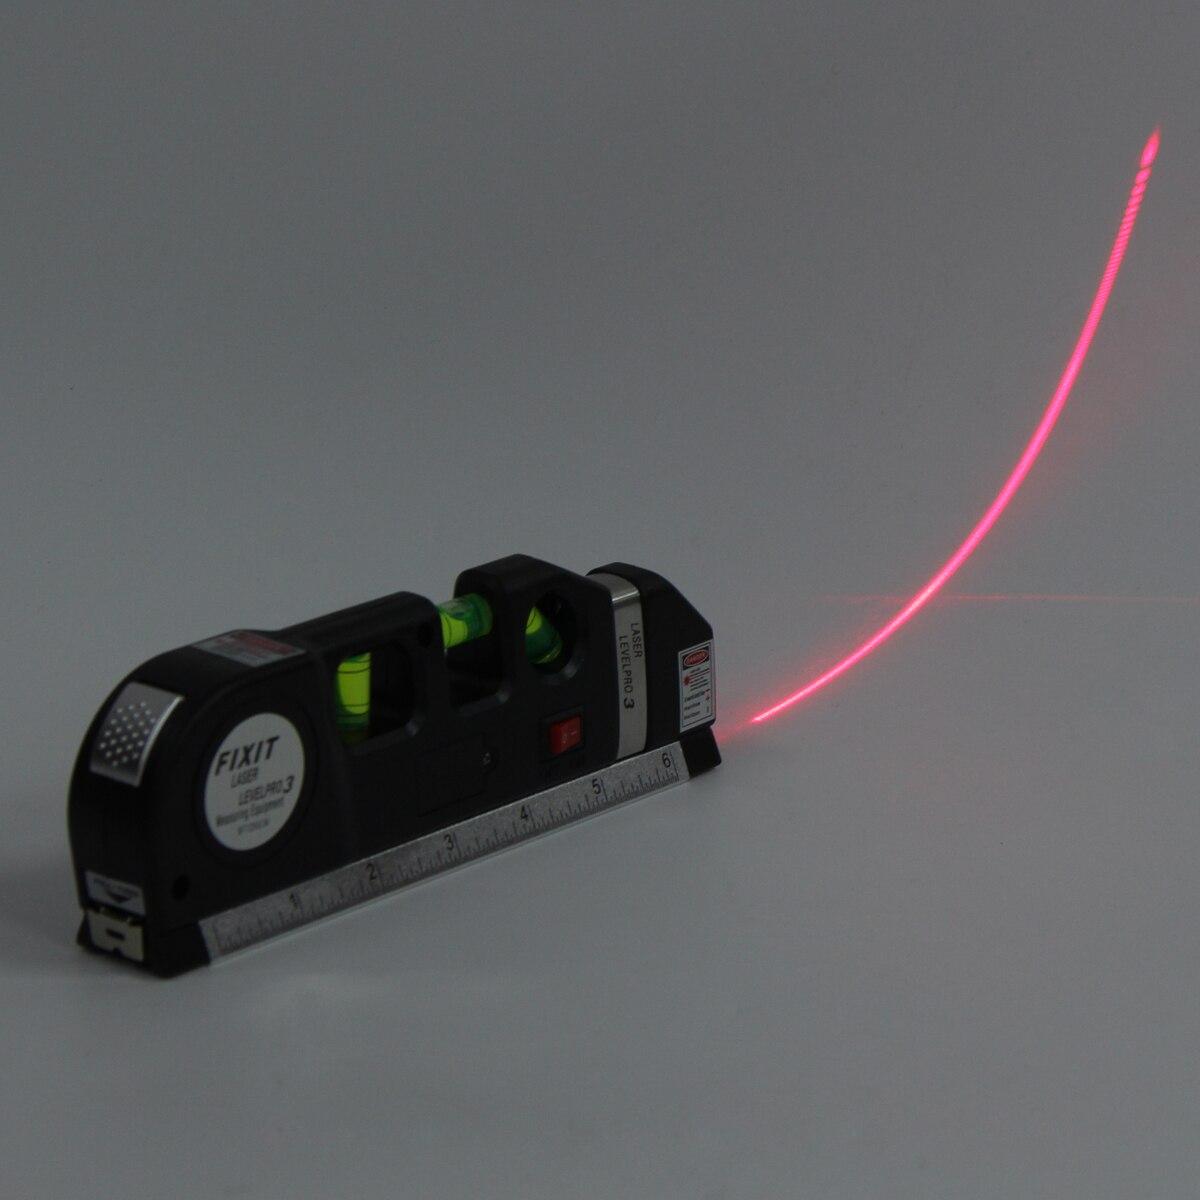 espírito lasers régua horizontal linha medida ferramentas padrão ajustado